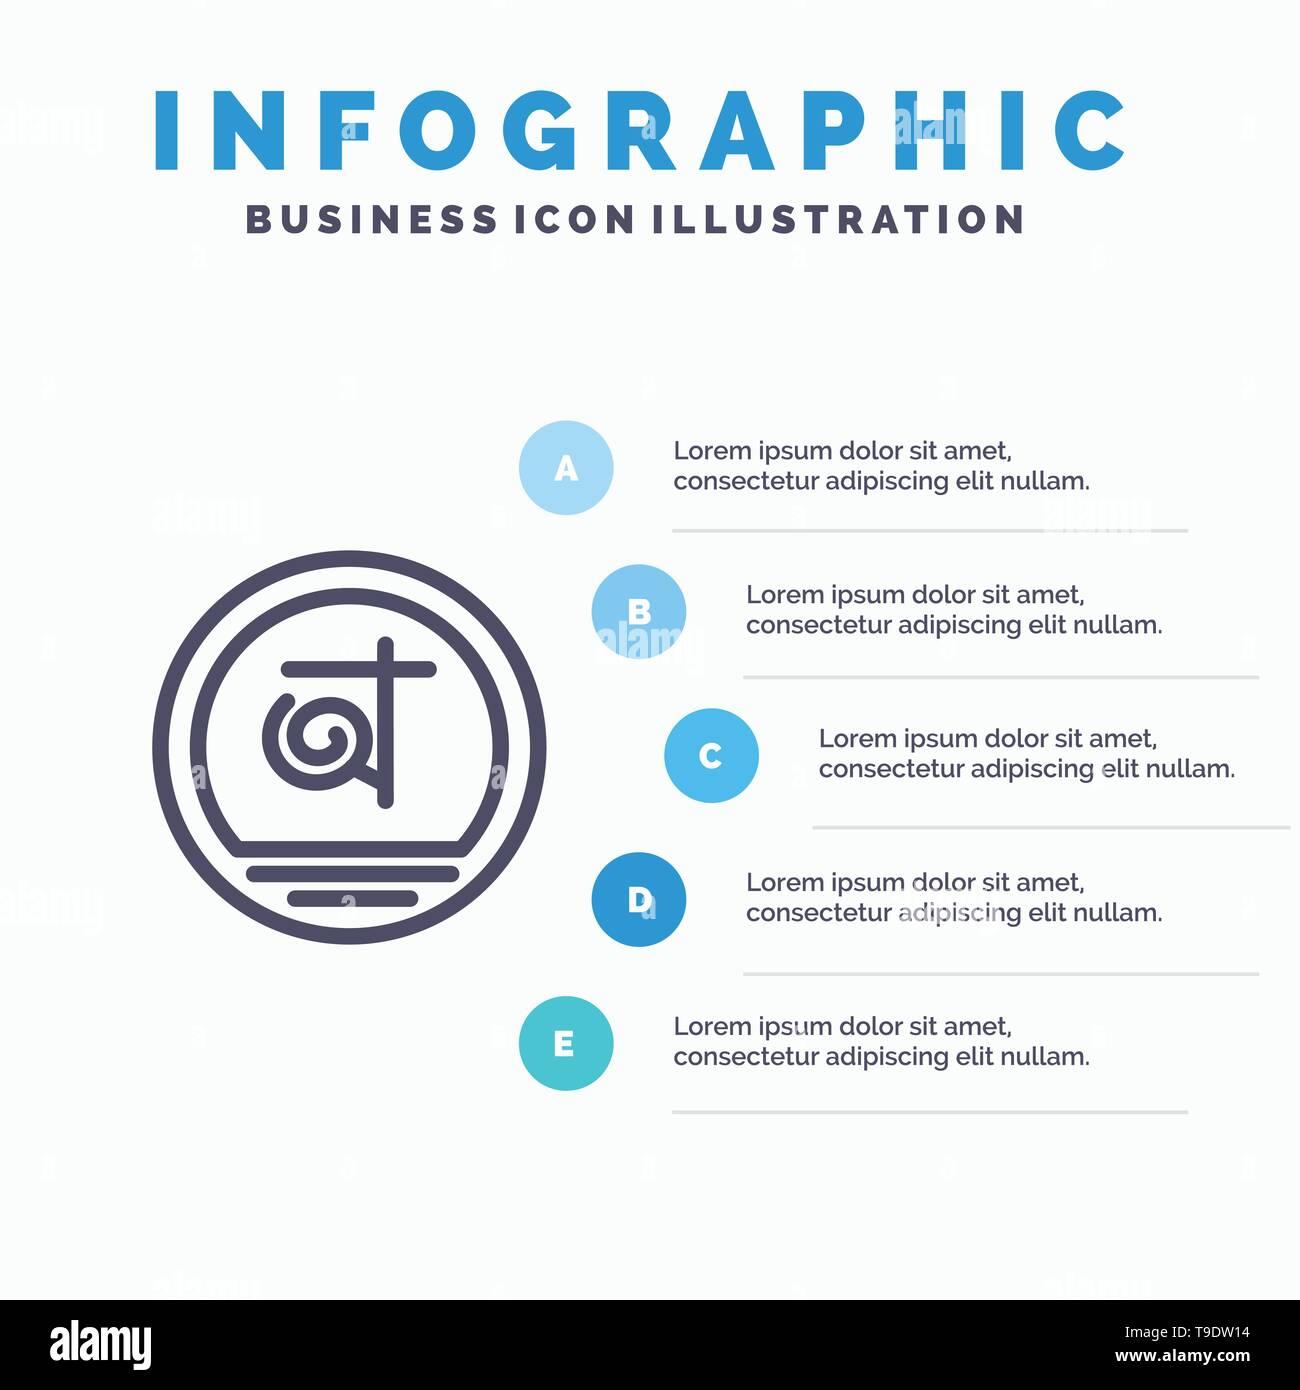 Bangla, Bangladesh, Bangladeshi, Business Line icon with 5 steps presentation infographics Background - Stock Image